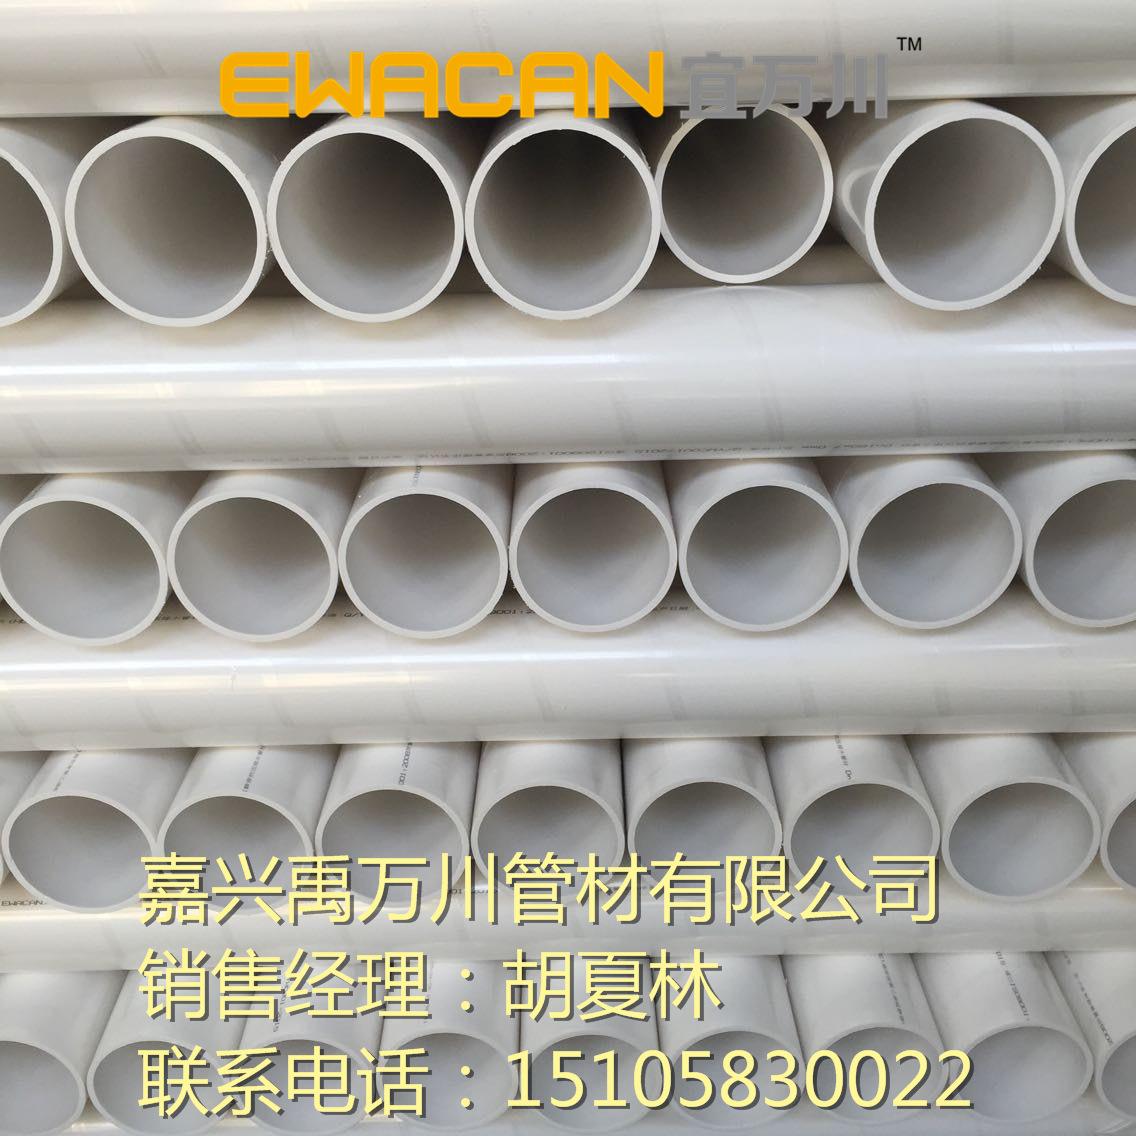 沟槽式HDPE中空排水管,地面清扫口,PE沟槽静音管,柔性ABS卡箍示例图9